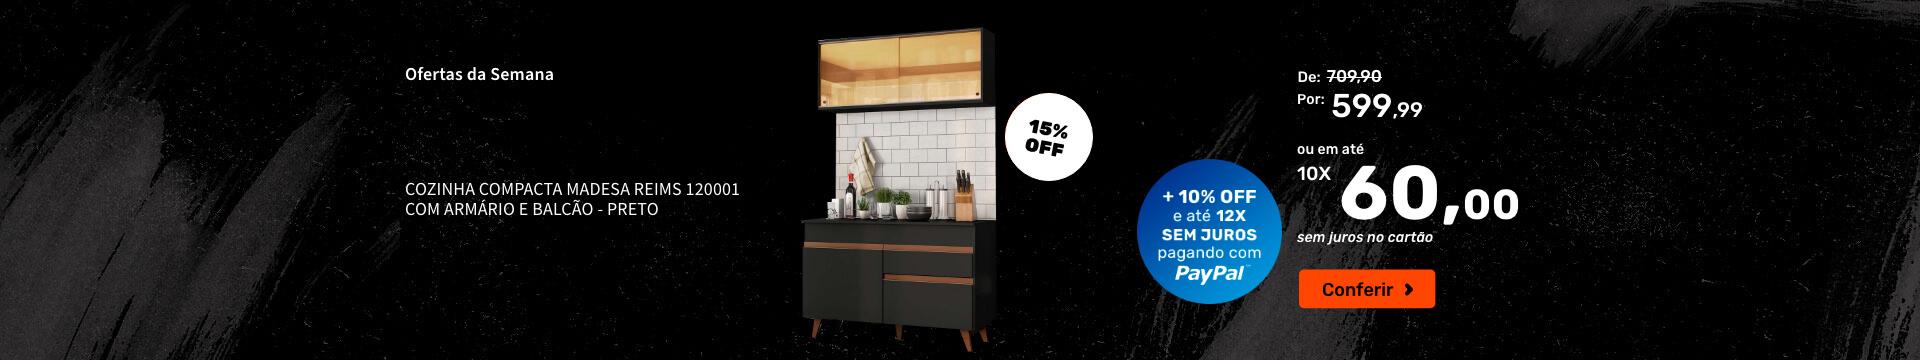 Cozinha Compacta Madesa Reims 120001 com Armário e Balcão - Preto - Ofertas especiais